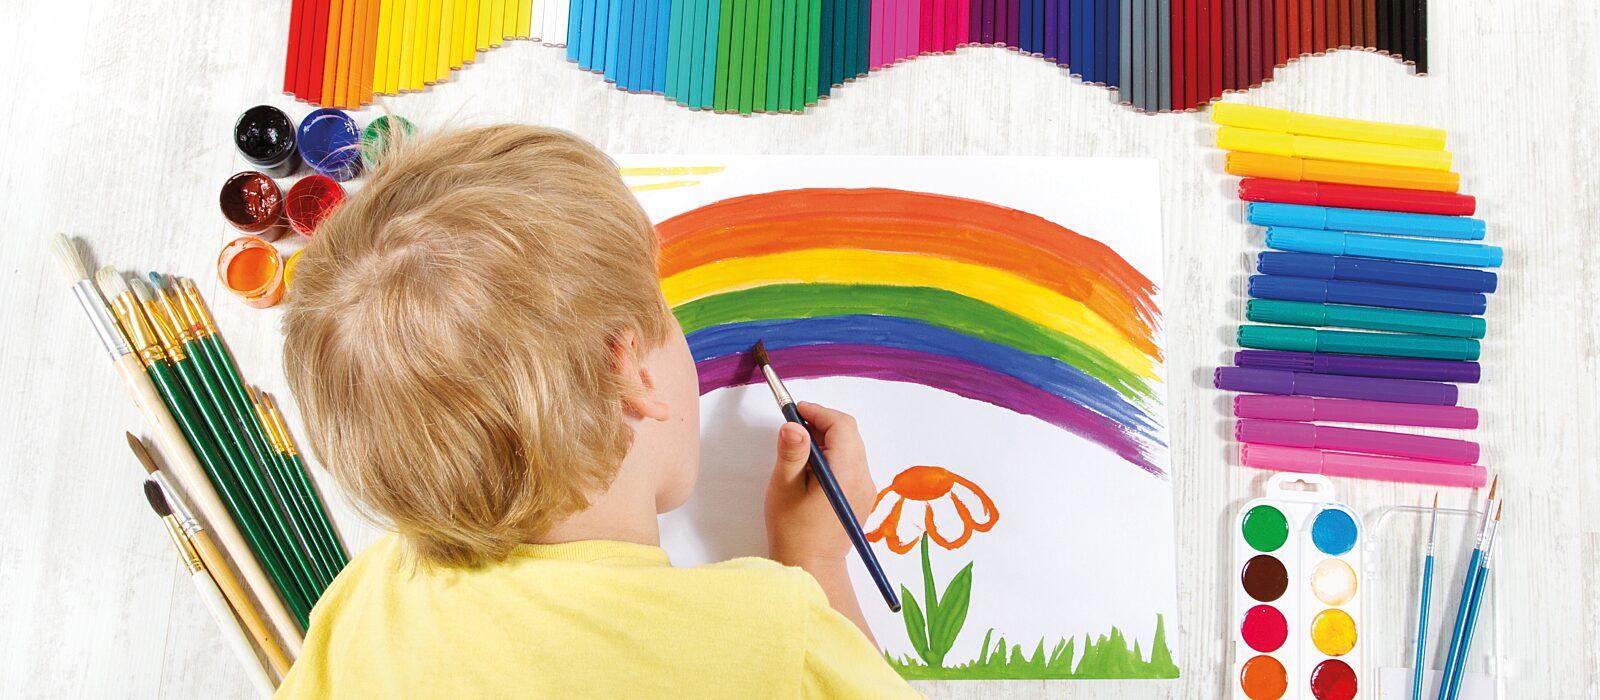 Kinderbeutreuung Copyright: Fotolia / Inarik